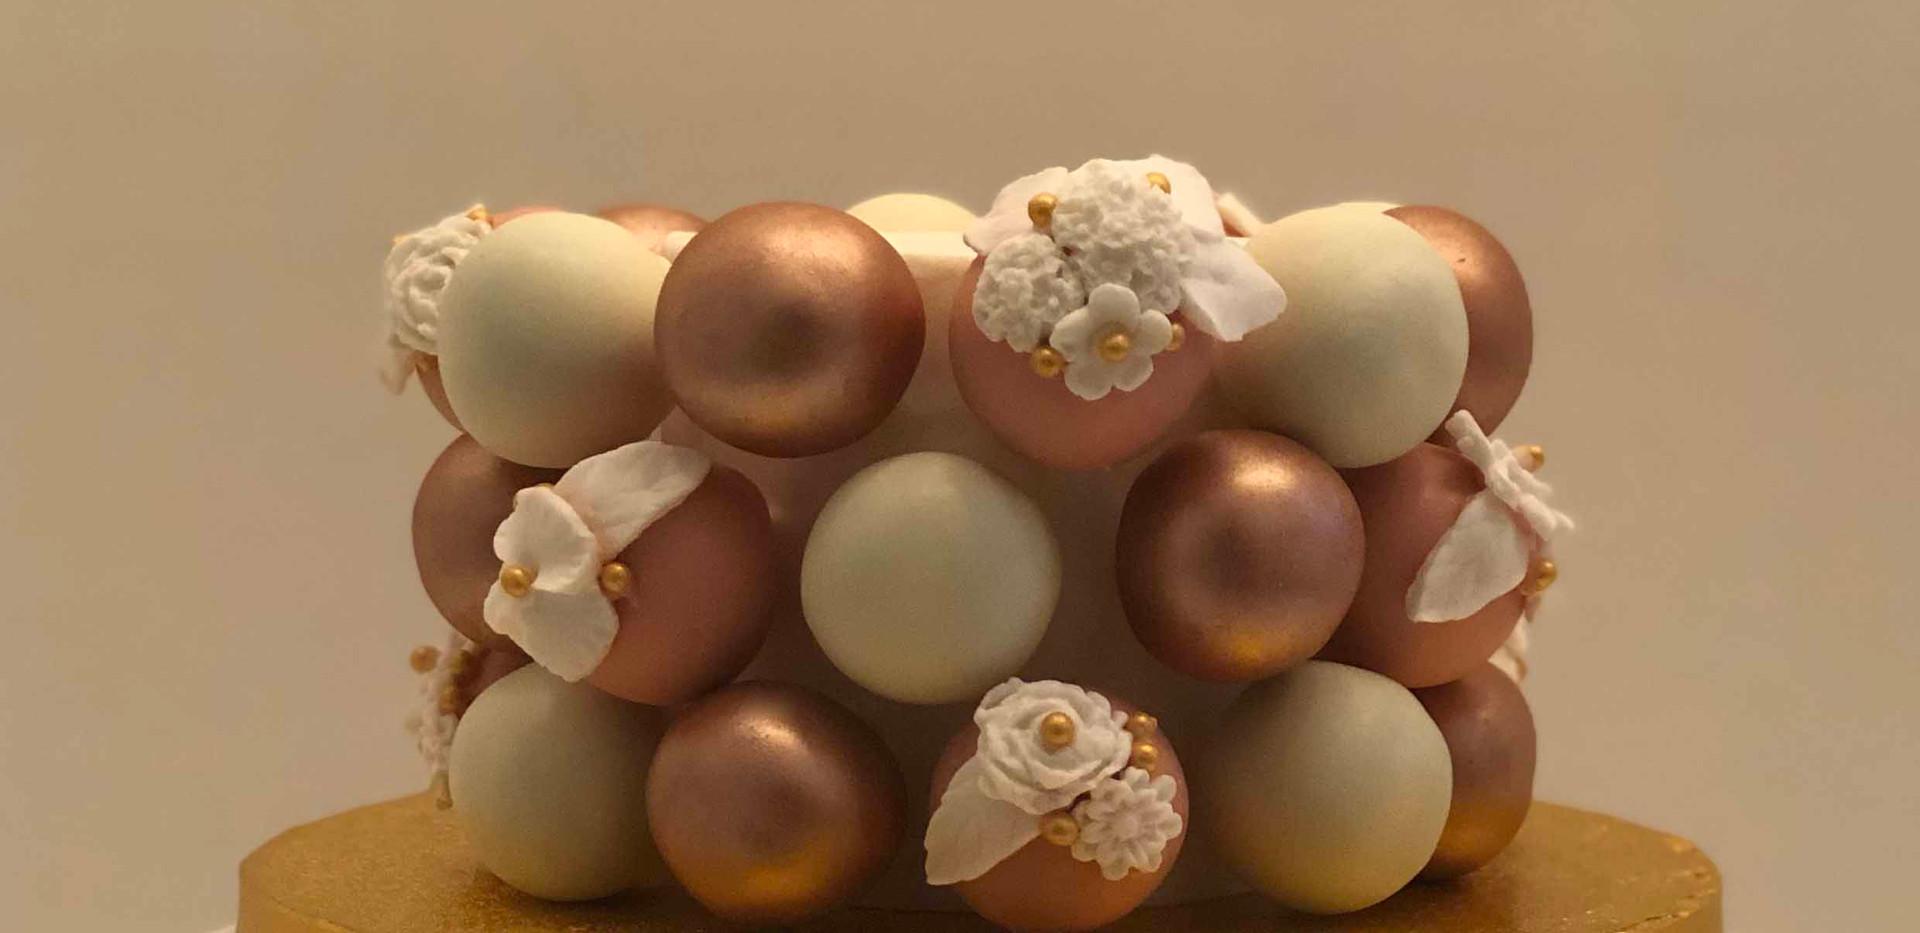 Rose Golf Floral Celebration Cake Pic 3